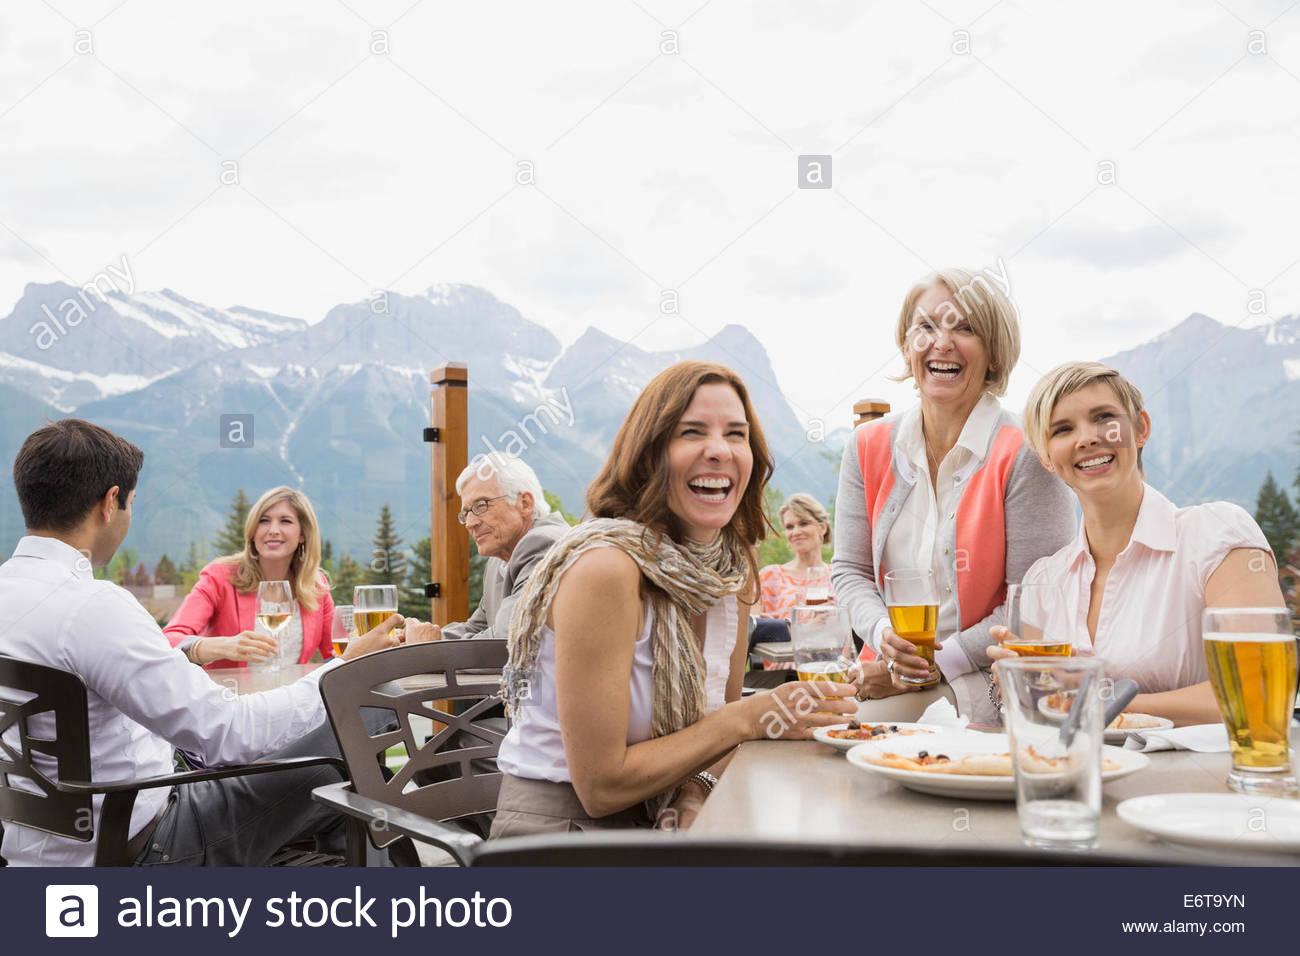 Les gens d'affaires de rire de networking event Photo Stock